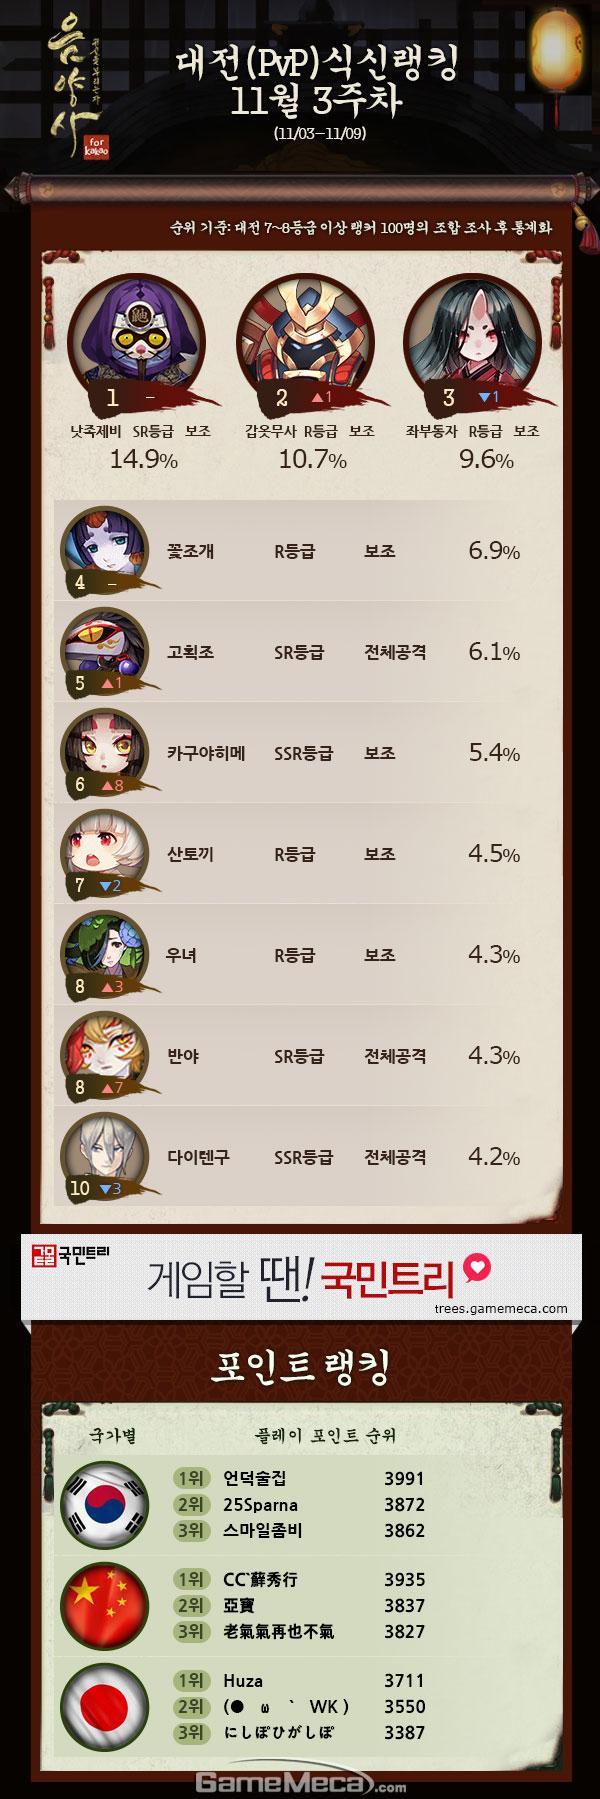 음양사 11월 3주차 메카 랭킹